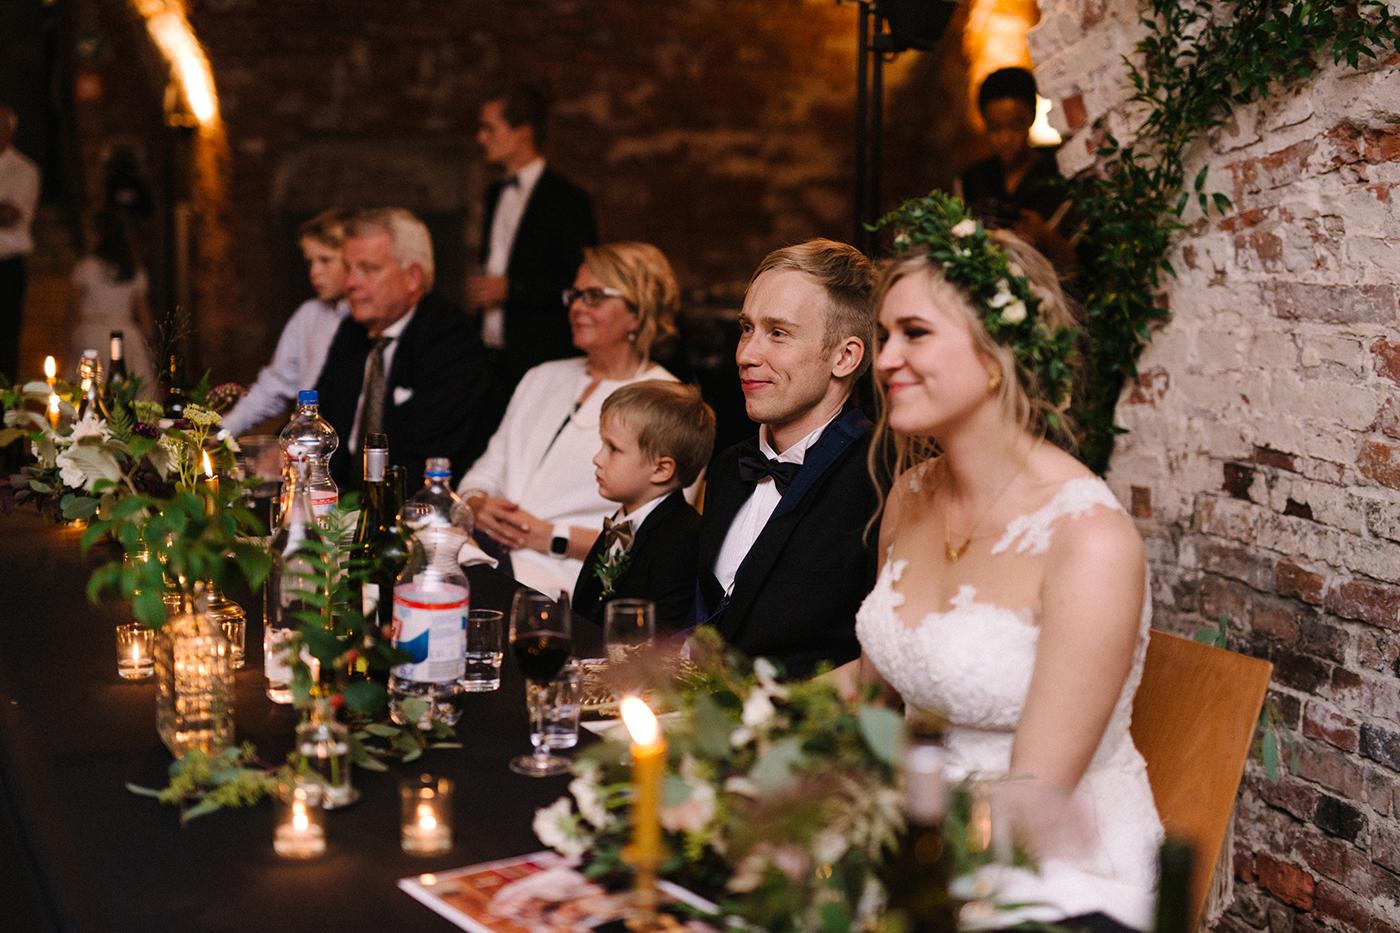 Indie Glam Wedding Tenalji von Fersen Suomenlinna (125).jpg